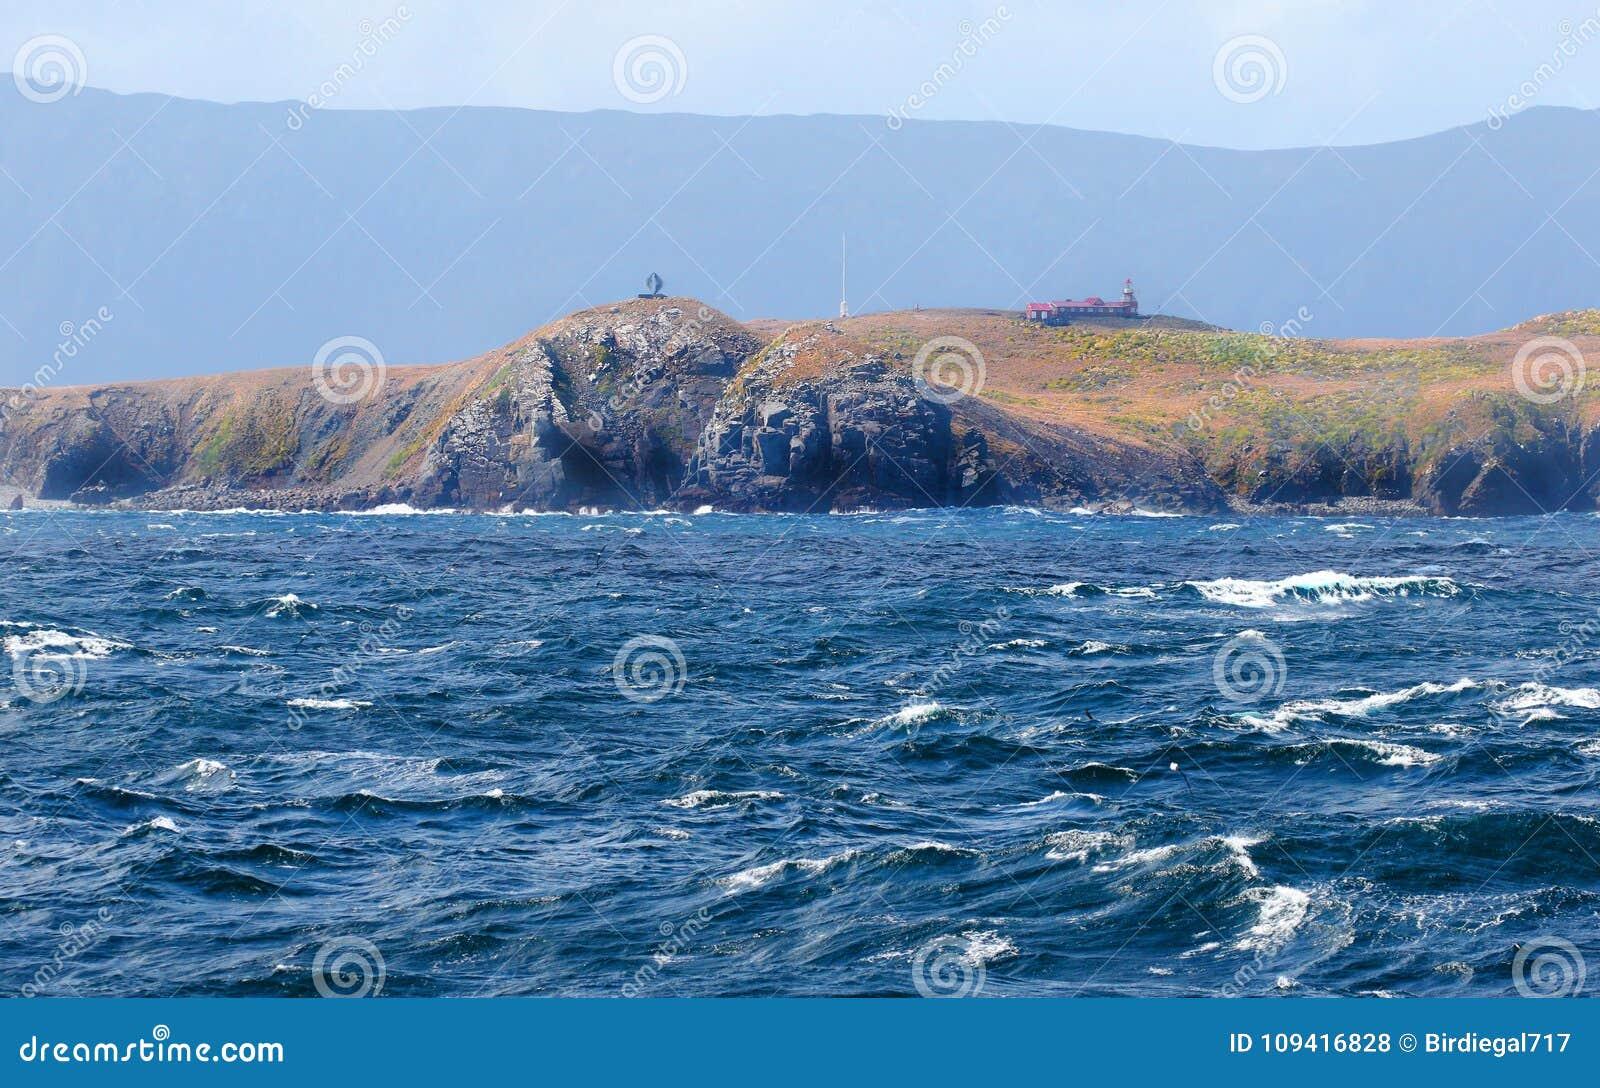 Capo Horn Cartina.Monumento A Capo Horn Con Il Mare Tempestoso Tierra Del